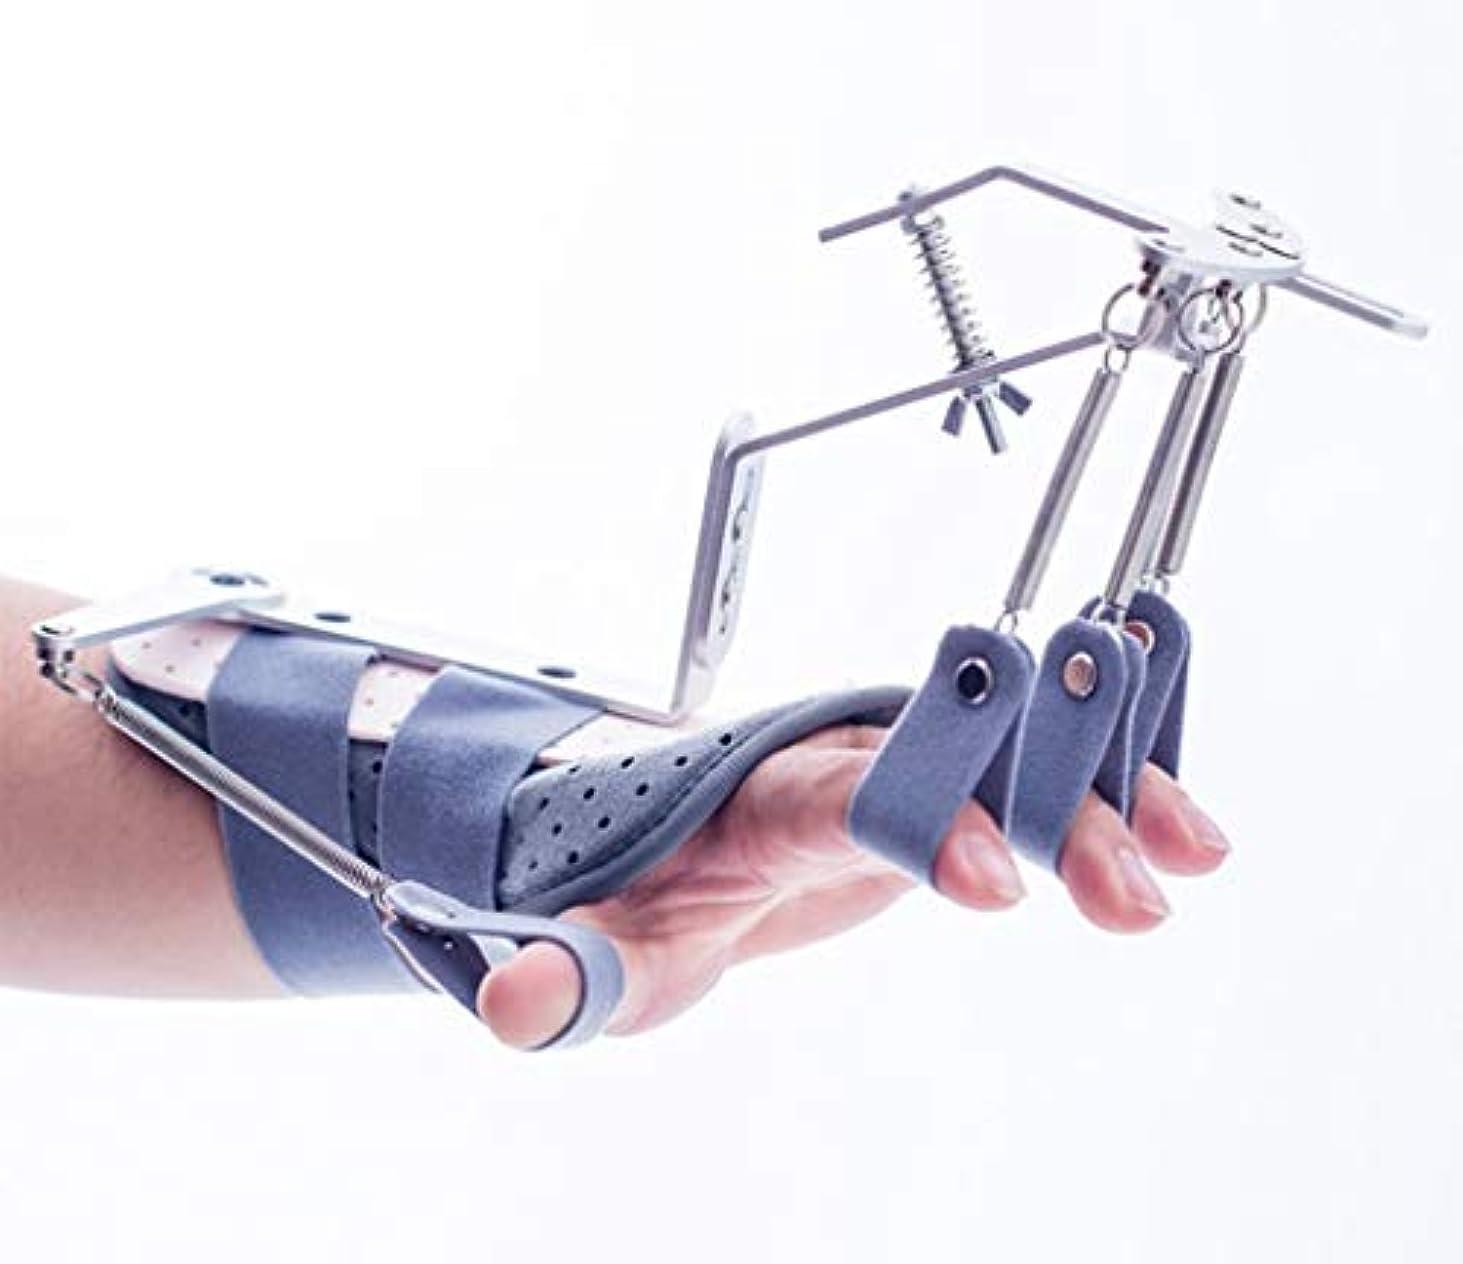 建築オーケストラ正統派手指装具 フィンガーエクササイザー機器 適切な 脳梗塞の場合 血栓症脳卒中部 片麻痺保護